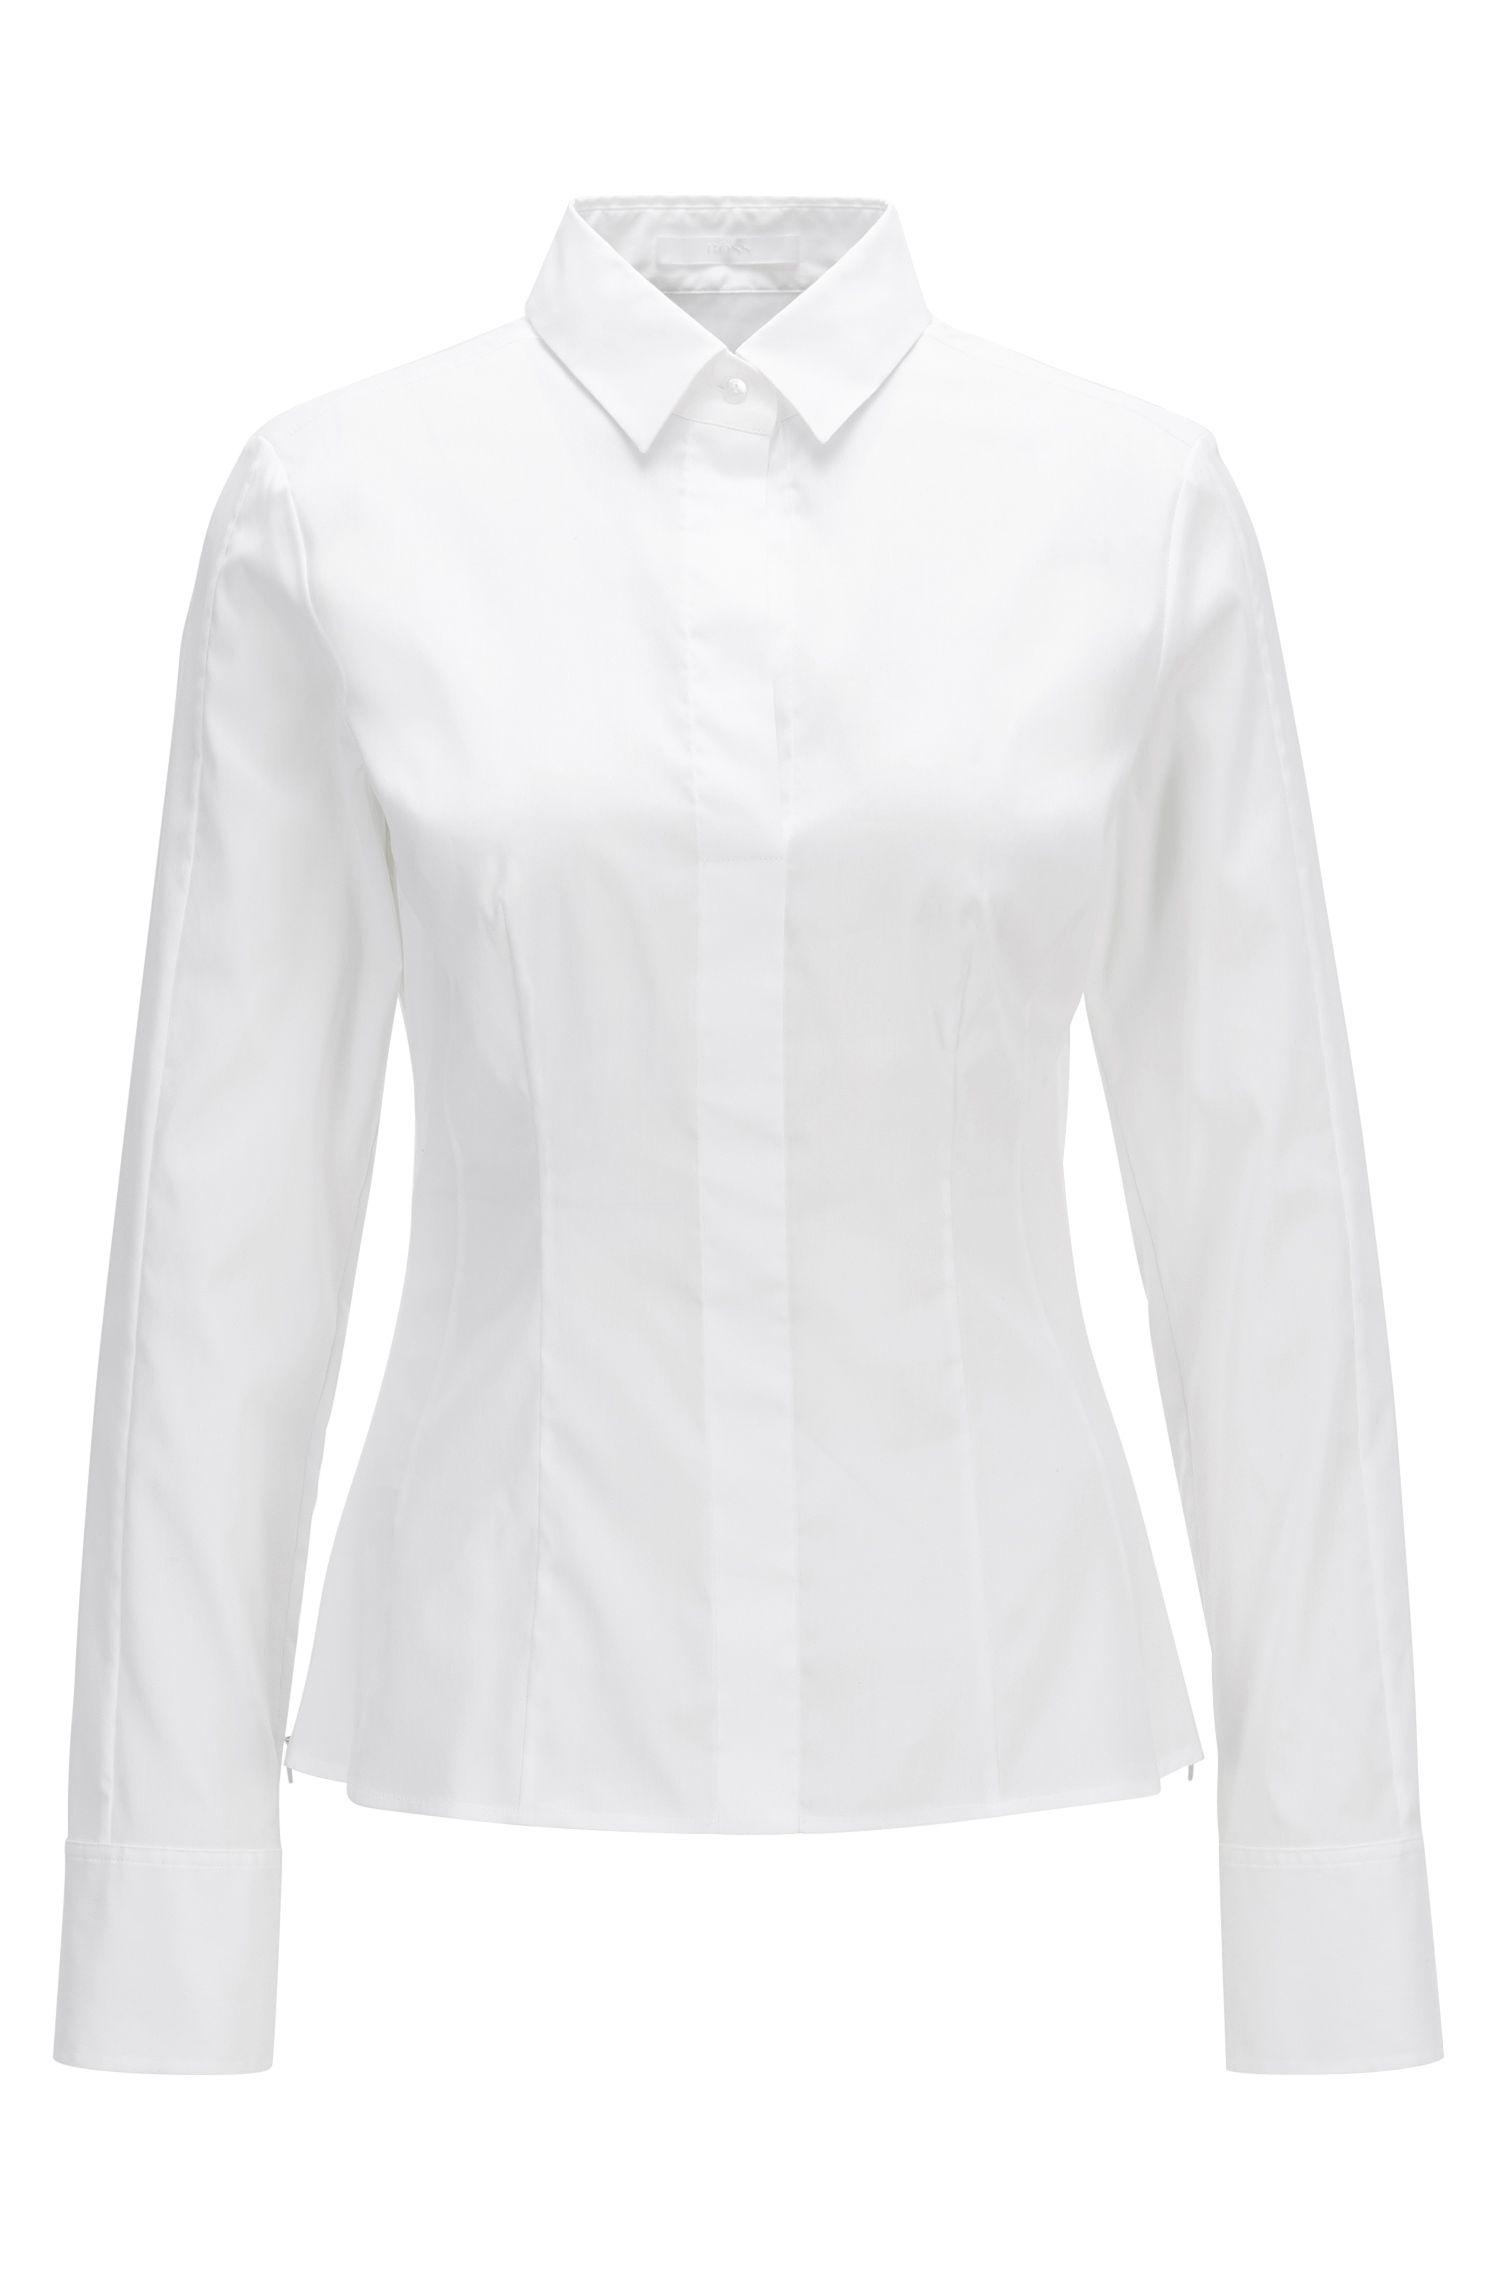 Regular-Fit Bluse aus Baumwoll-Mix mit verdeckter Knopfleiste